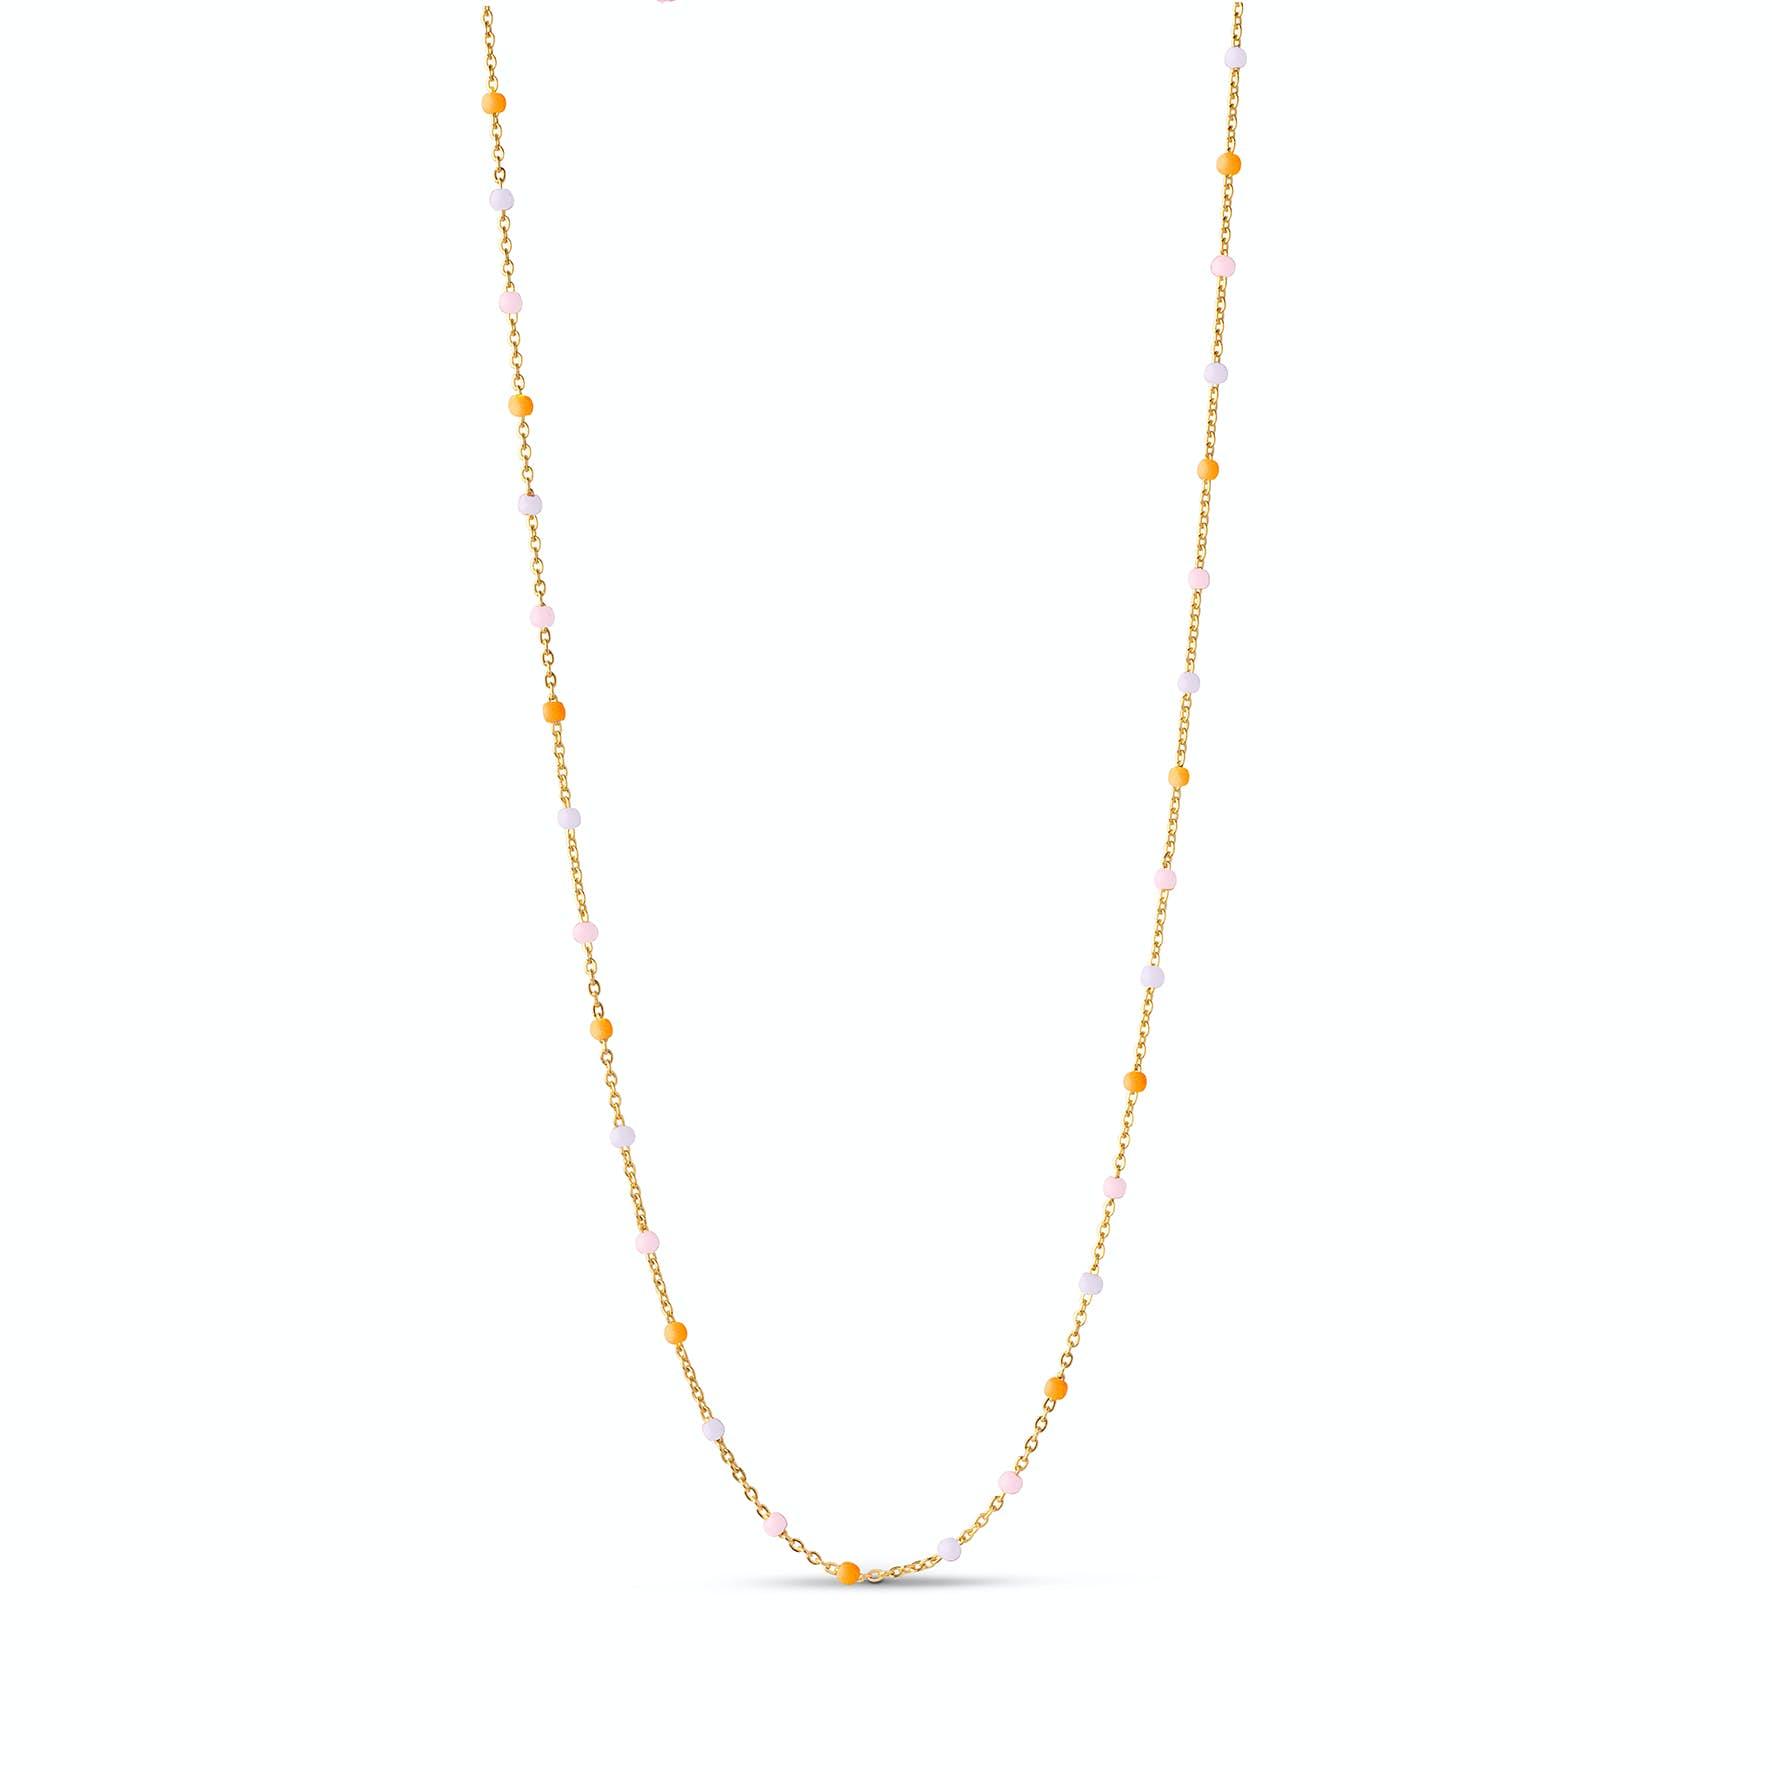 Lola Necklace Heavenly fra Enamel Copenhagen i Forgyldt-Sølv Sterling 925